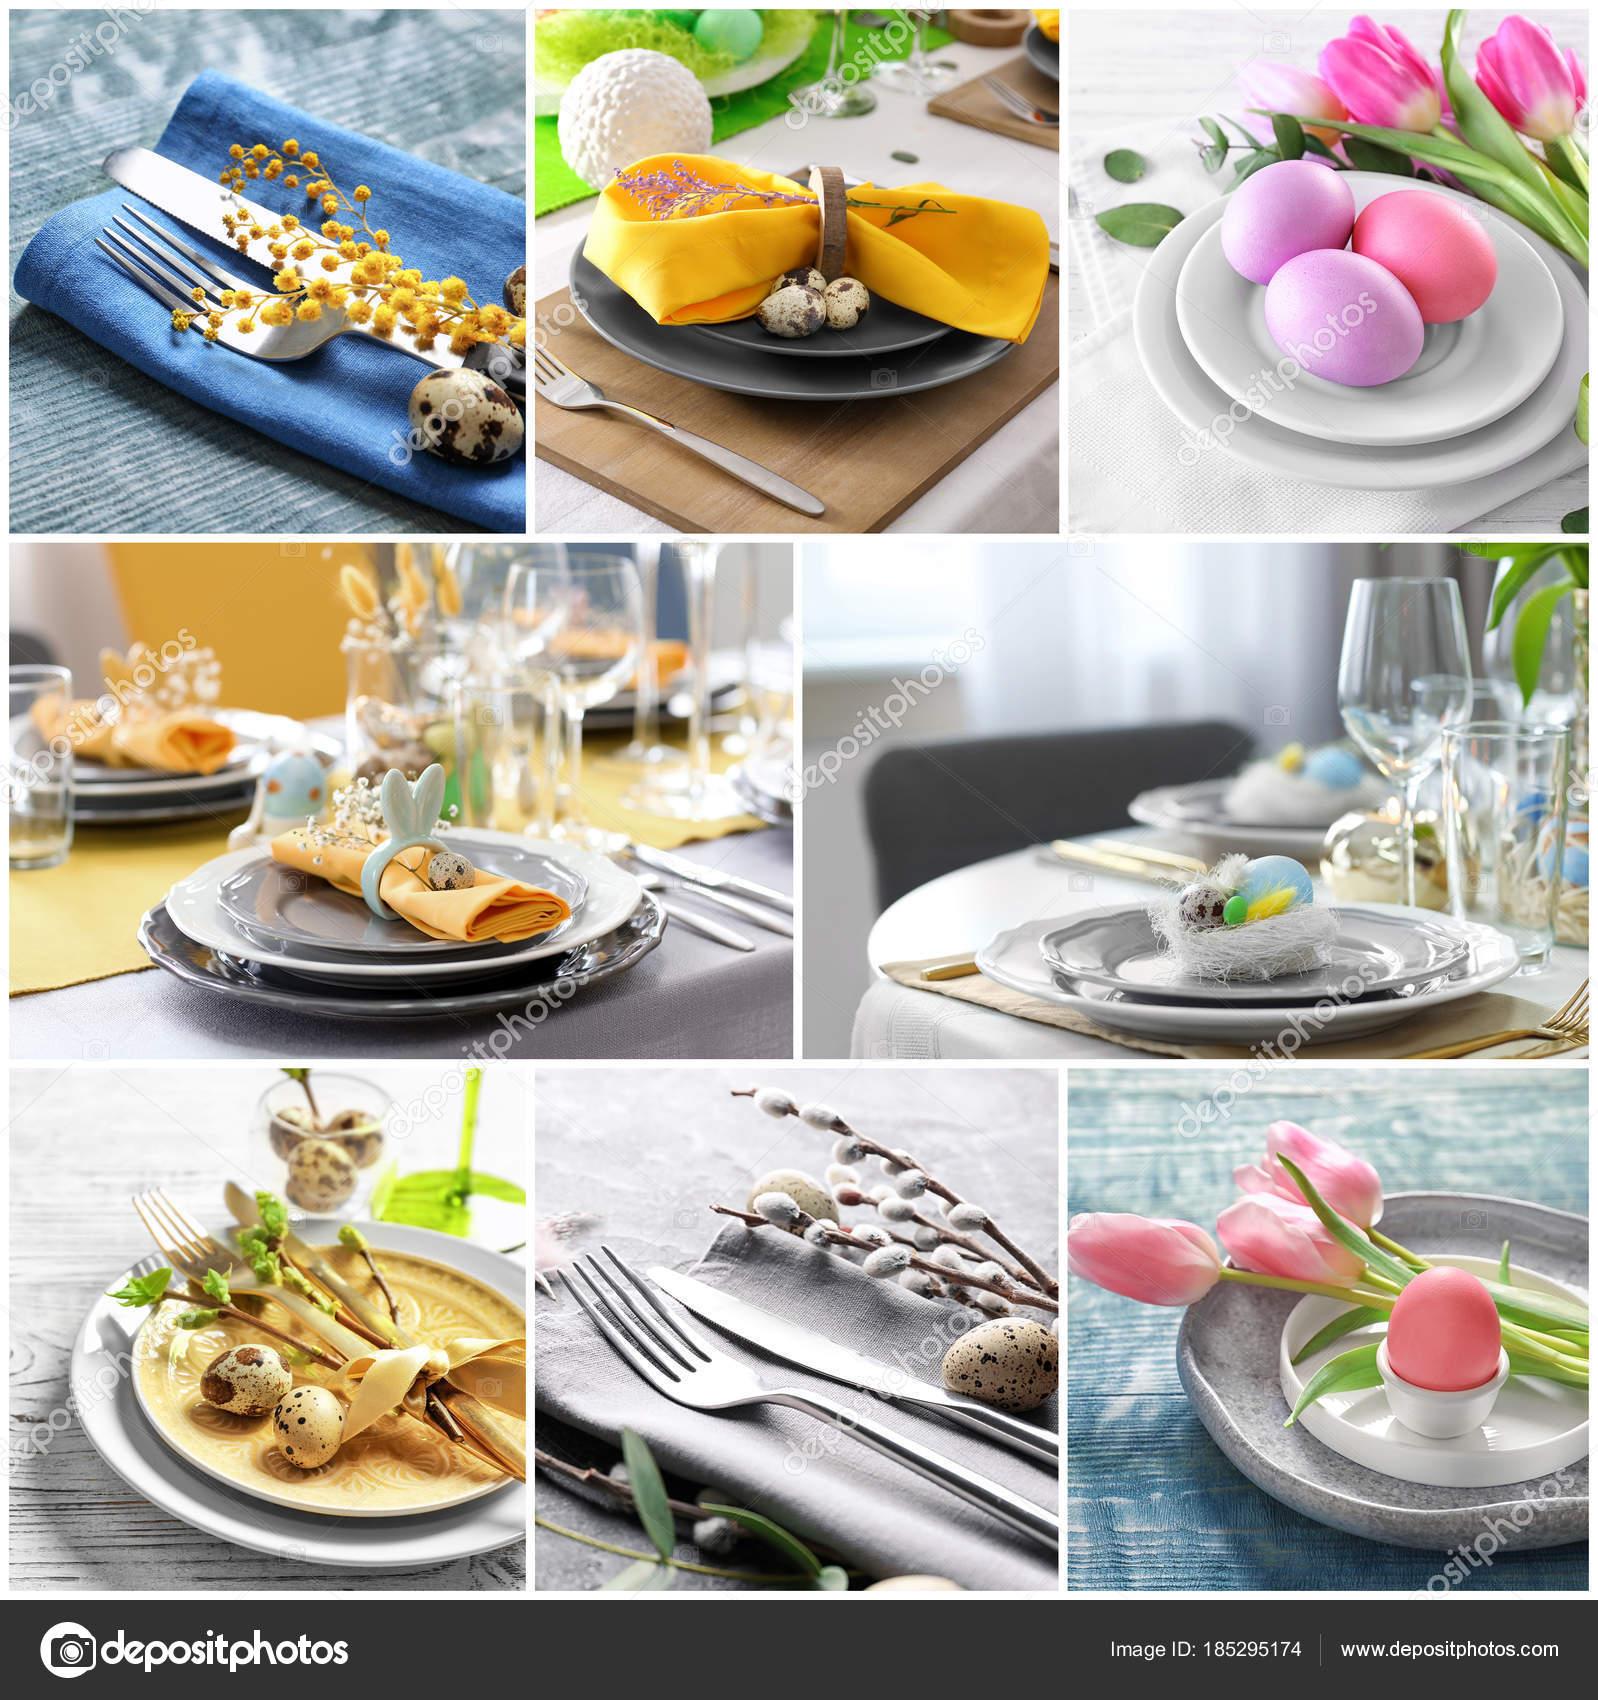 Faszinierend Collage Ideen Sammlung Von Mit Unterschiedlichen Für Festliche Tischdekoration Für Ostern